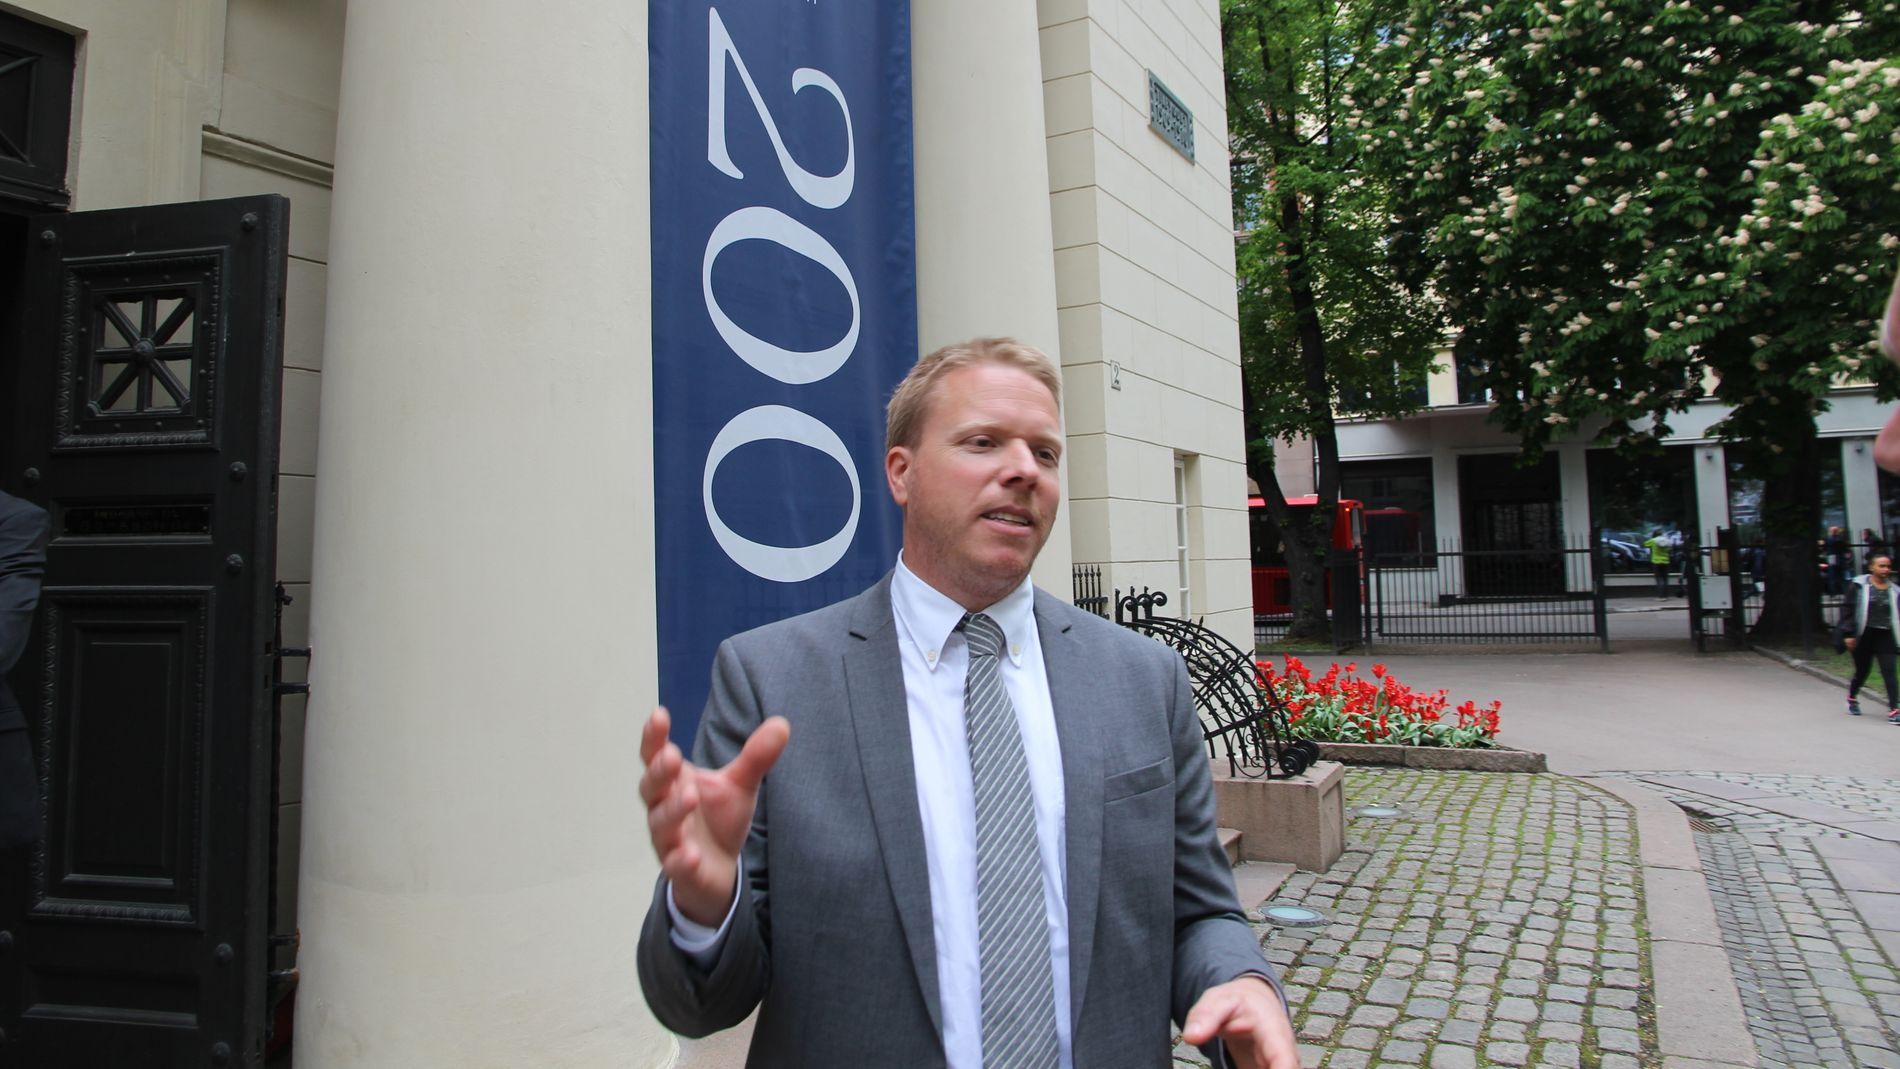 FORTSETTER VEKSTEN: Ice-sjef Eivind Helgaker leder Norges tredje største mobilselskap og han kan vise til kraftig vekst.